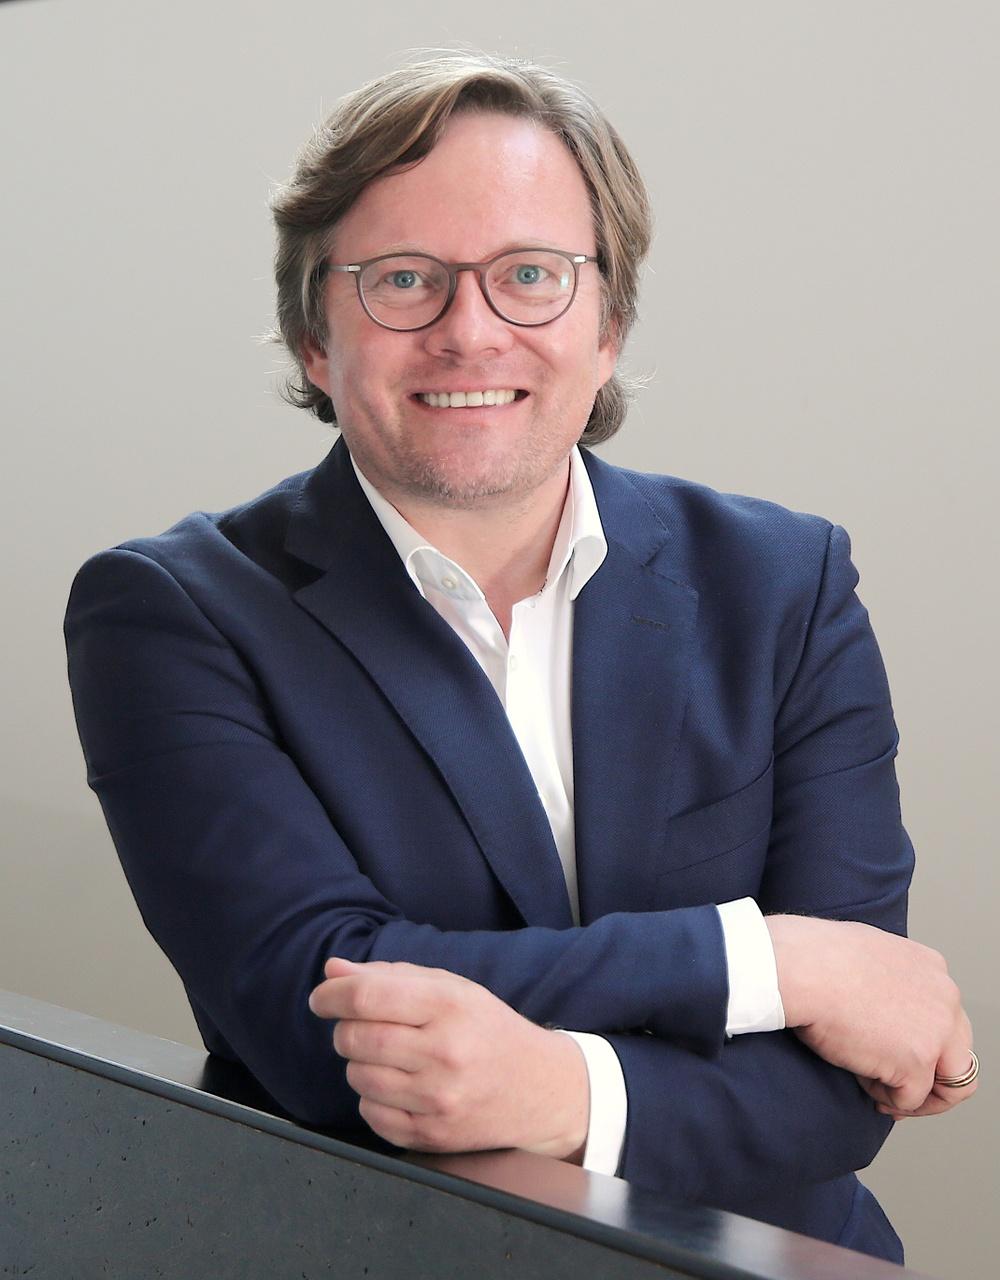 Portrait.Jan_vom_Brocke_homepage.jpg